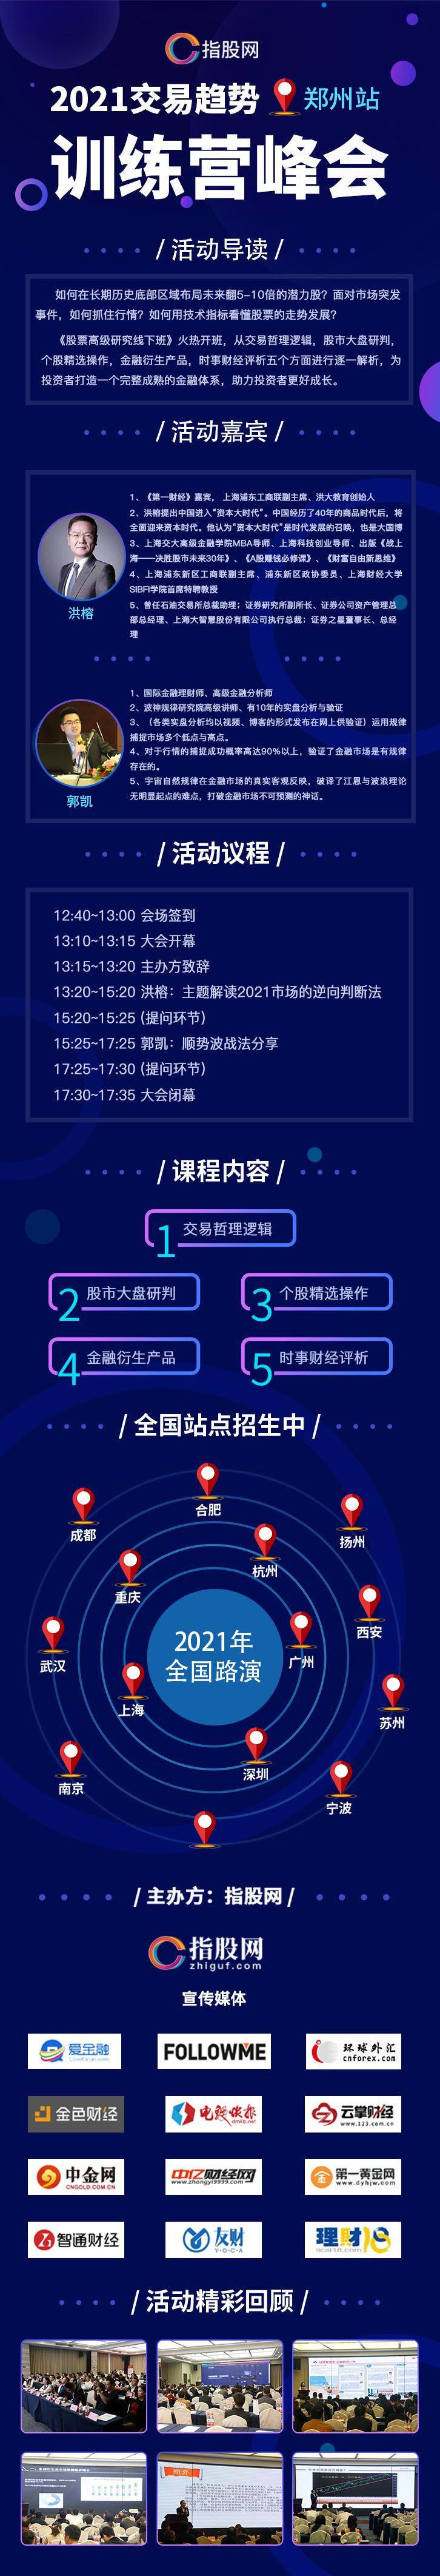 郑州站股票价值投资-无二维码.jpg